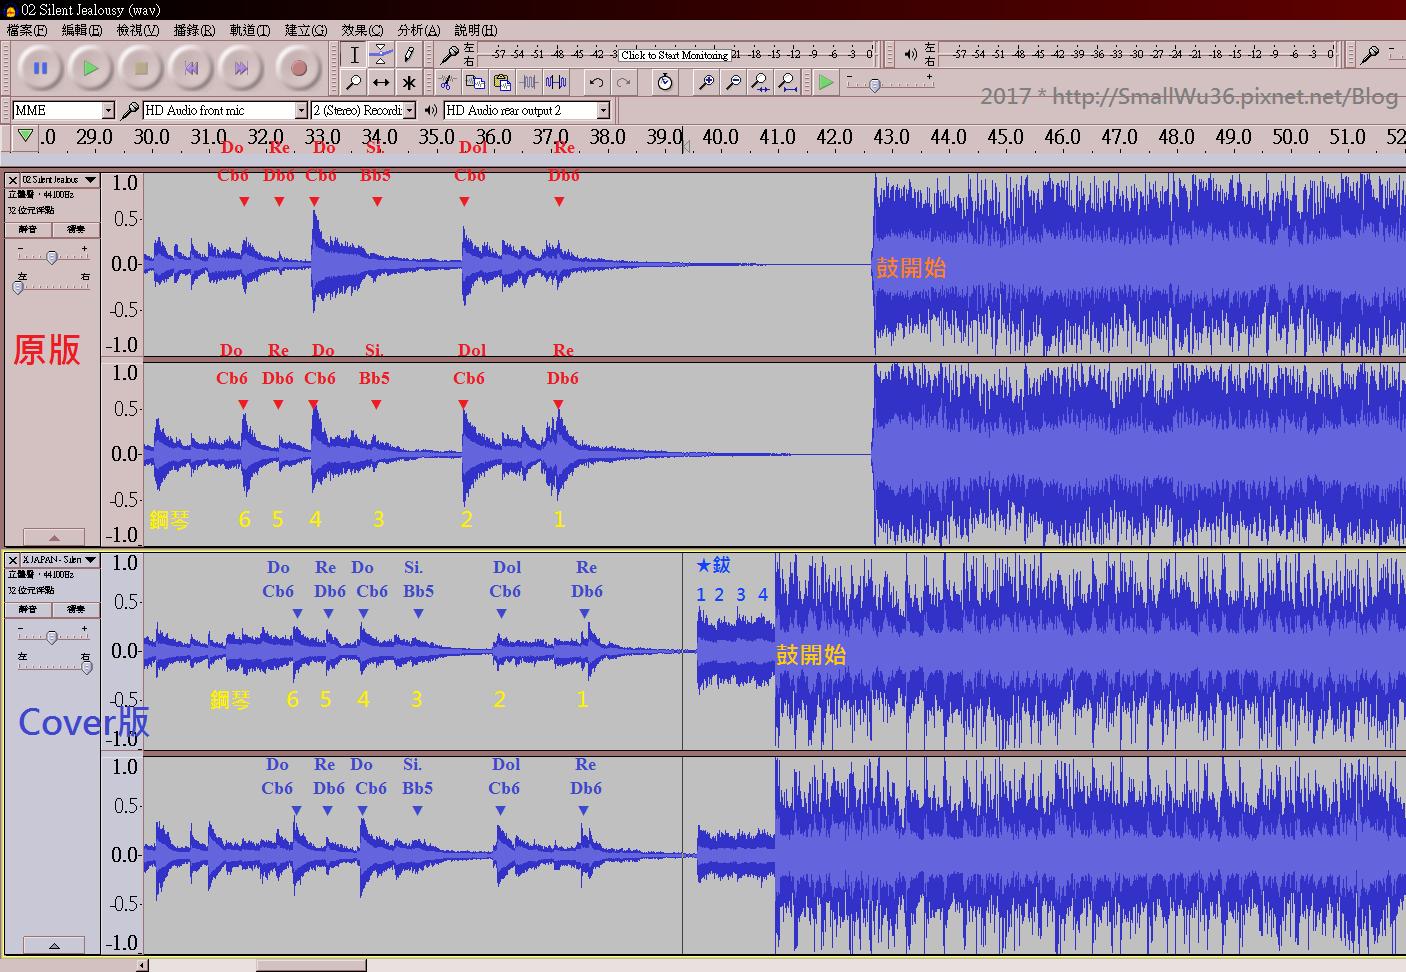 024-2 鋼琴末 鼓開頭都不同-加上註解 (2).png